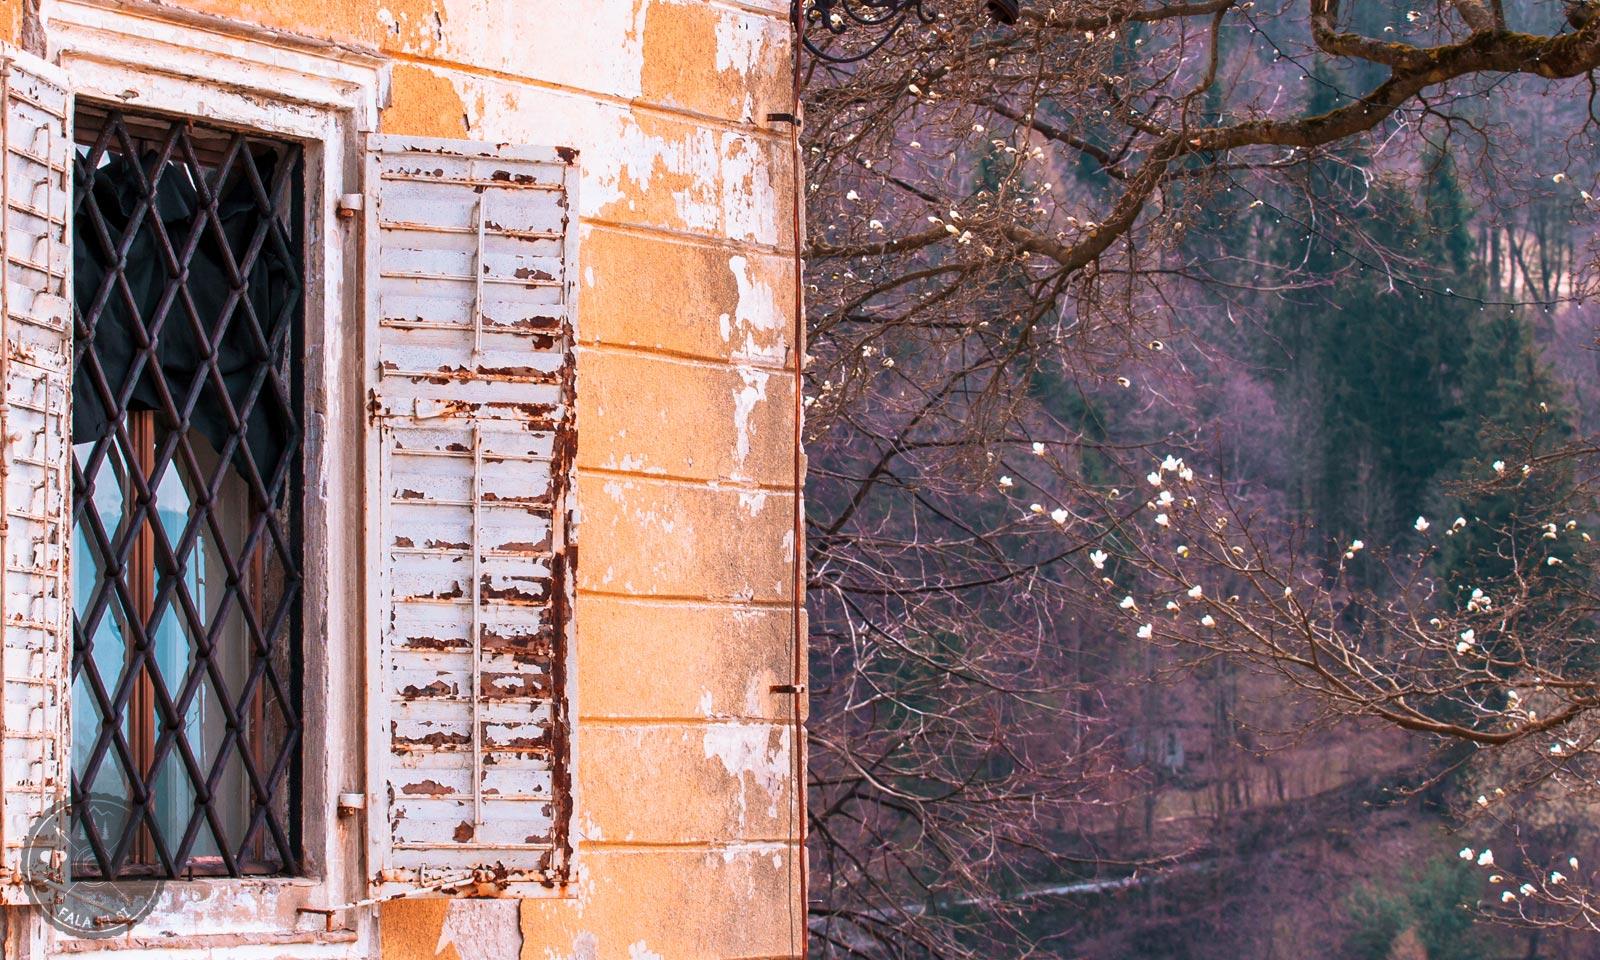 grad-neuhaus-radetzky-trzic-foto09